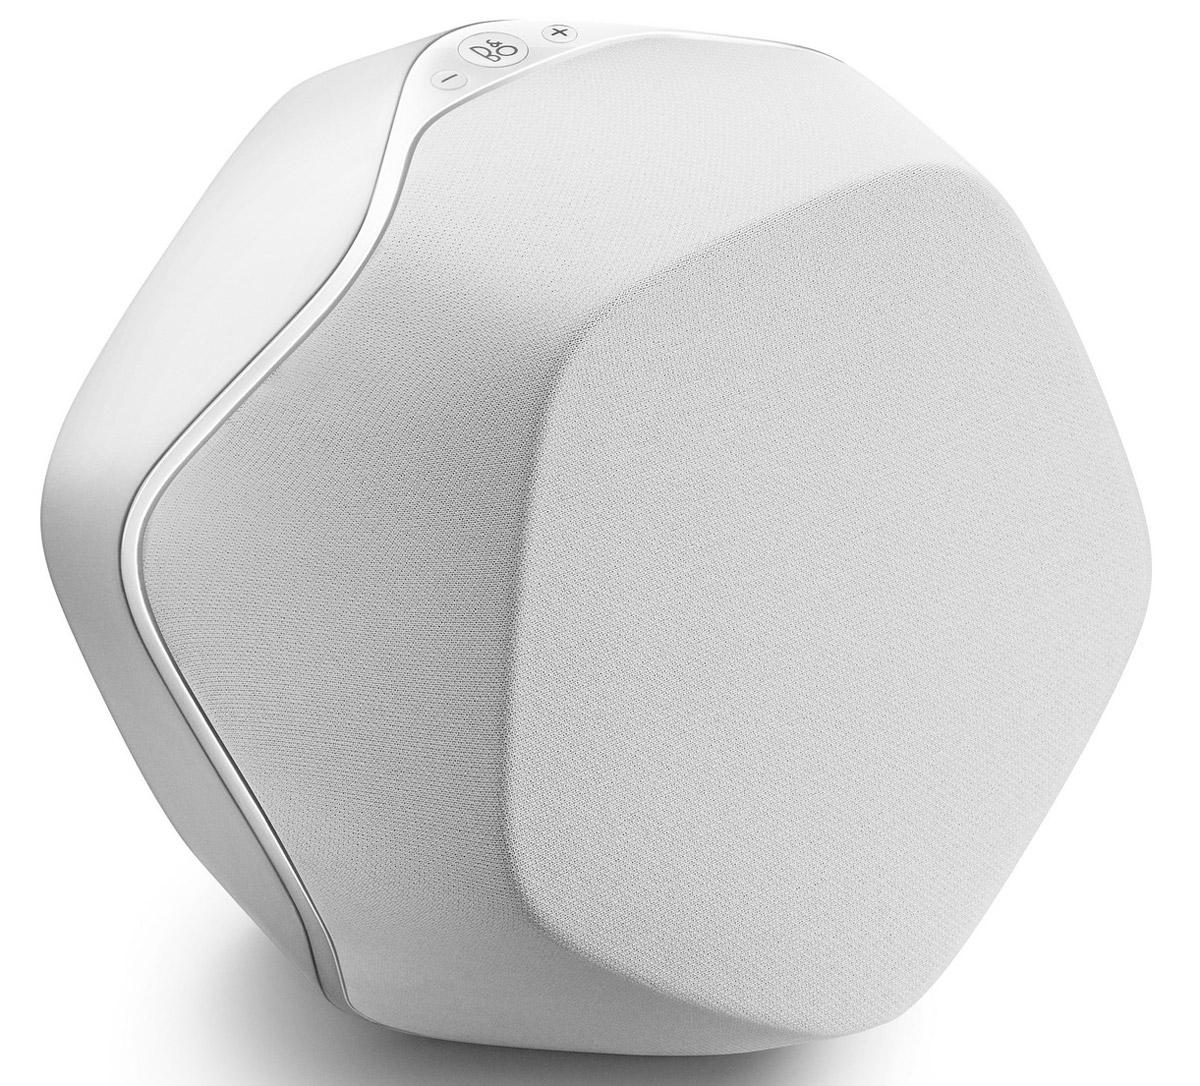 Bang & Olufsen BeoPlay S3, White портативная акустическая система1625325Портативная акустическая система Bang & Olufsen BeoPlay S3 отлично подойдет для использования как дома, так и на улице.Стильный и изысканный дизайн был разработан Якобом Вагнером. Однако, звучание никак не уступает внешнему виду BeoPlay S3. Небольшой корпус скрывает два усилителя с пиковой мощностью 240 Вт. 4-дюймовый вуфер и 3,4-дюймовый твитер обеспечат безукоризненное звучание как басов, так и высоких и средних частот.Беспроводная технология Bluetooth позволит подключить Bang & Olufsen BeoPlay S3 к планшету, ноутбуку или смартфону с дальностью сигнала до 10 метров. А возможность одновременного подключения двух колонок к одному воспроизводящему устройству делает безупречным звучание BeoPlay S3 в просторном помещении или на улице.Bang & Olufsen BeoPlay S3 позволяет легко менять настройки в соответствии с определенным жанром, будь то рок, хип-хоп или классическая музыка. Добавьте басов или усильте высокие ноты - все зависит только от вашего желания и одного движения руки. Для того, чтобы получить трехмерное звучание просто настройте две колонки BeoPlay S3 как правый и левый каналы и они полностью заполнят звучанием все пространство комнаты. Три колонки в состоянии наполнить звучанием не одну комнату, но четыре позволят устроить вечеринку до утра.